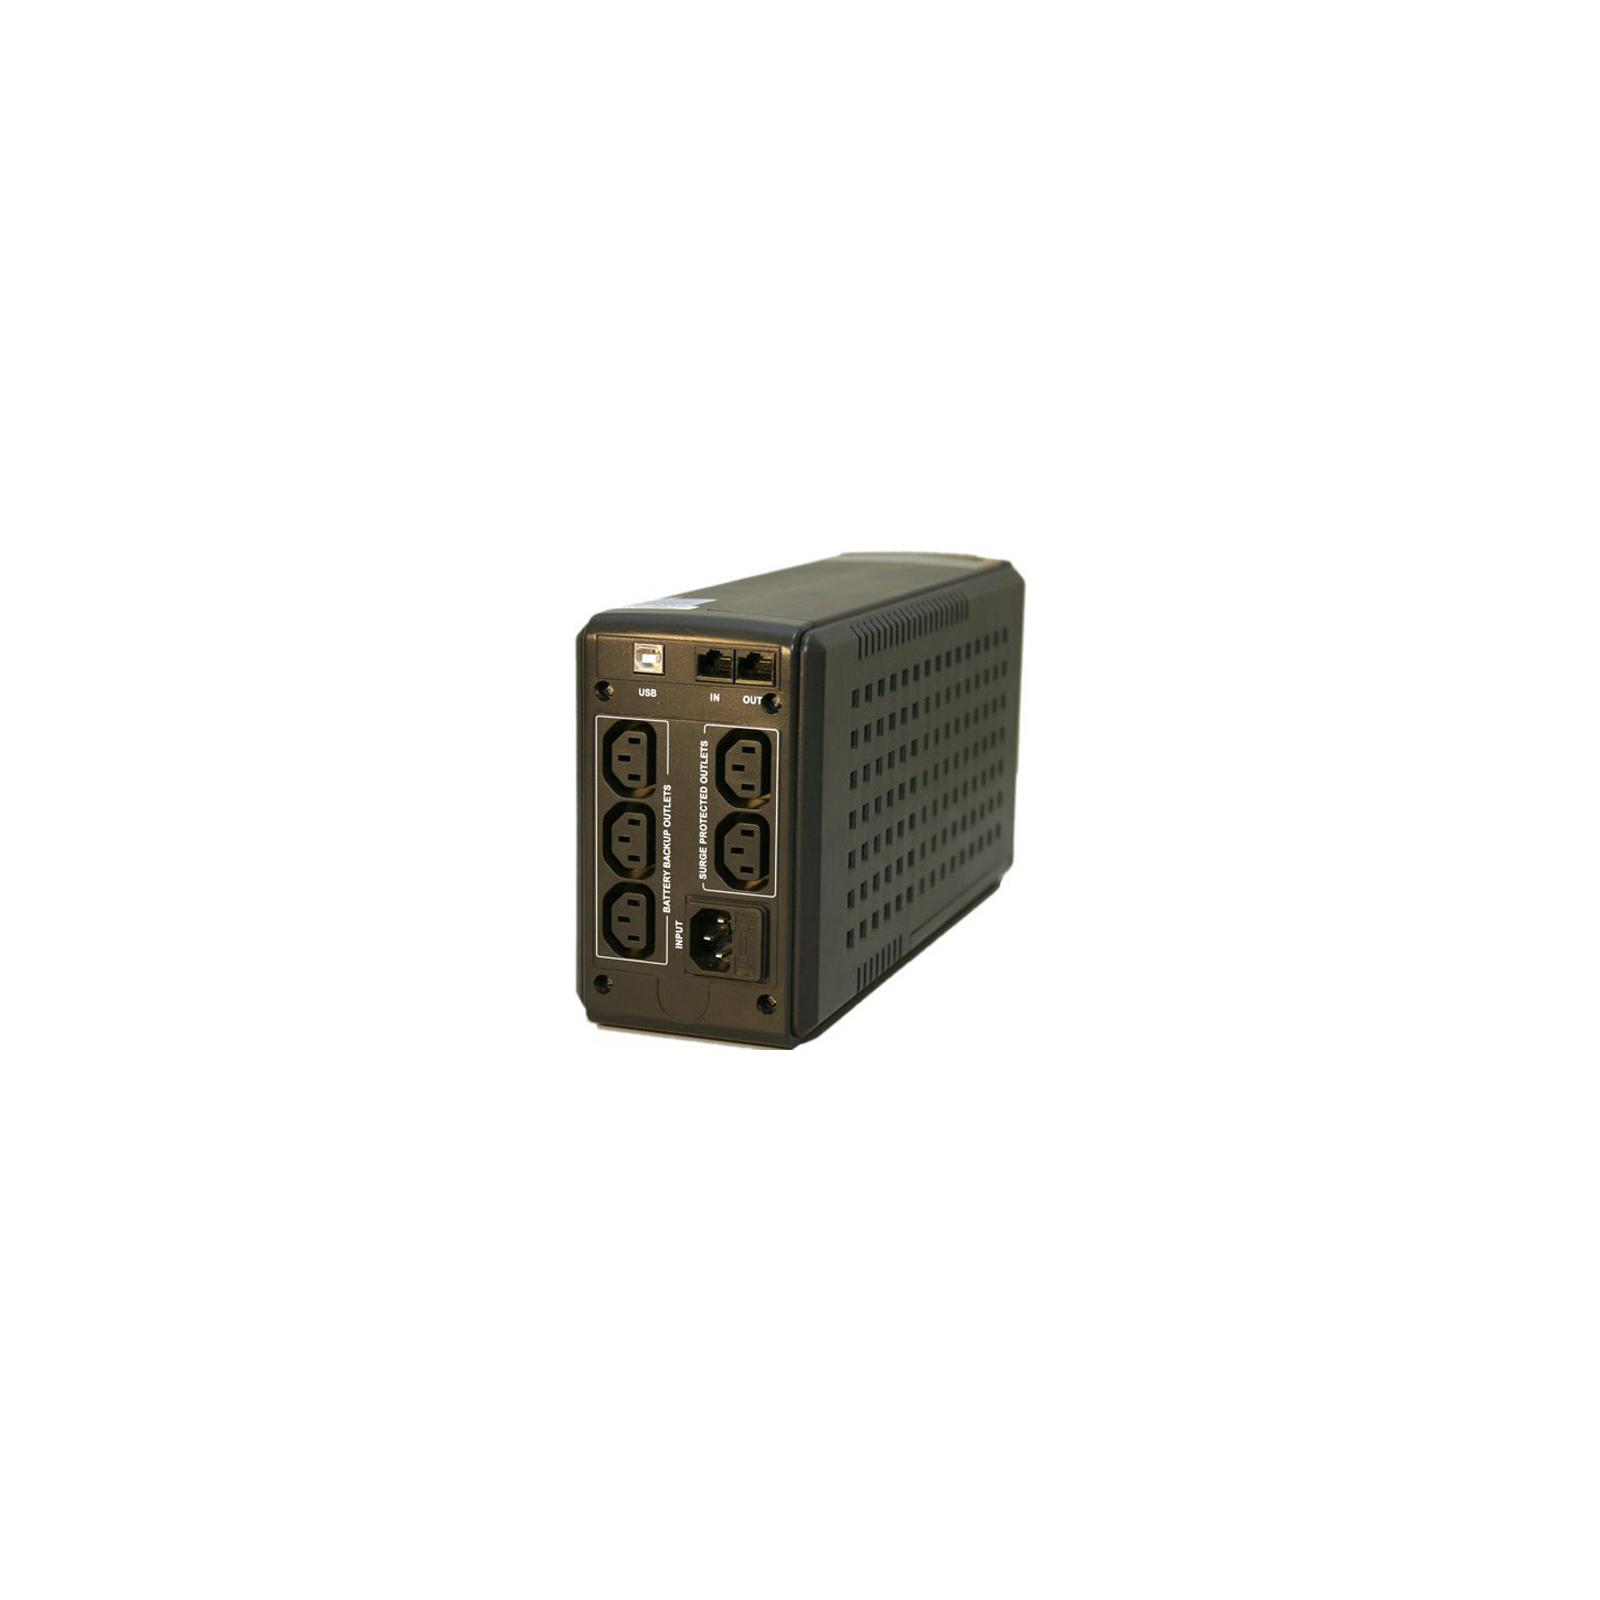 Источник бесперебойного питания Powercom Smart King Pro SKP-500A (SKP-500A) изображение 2